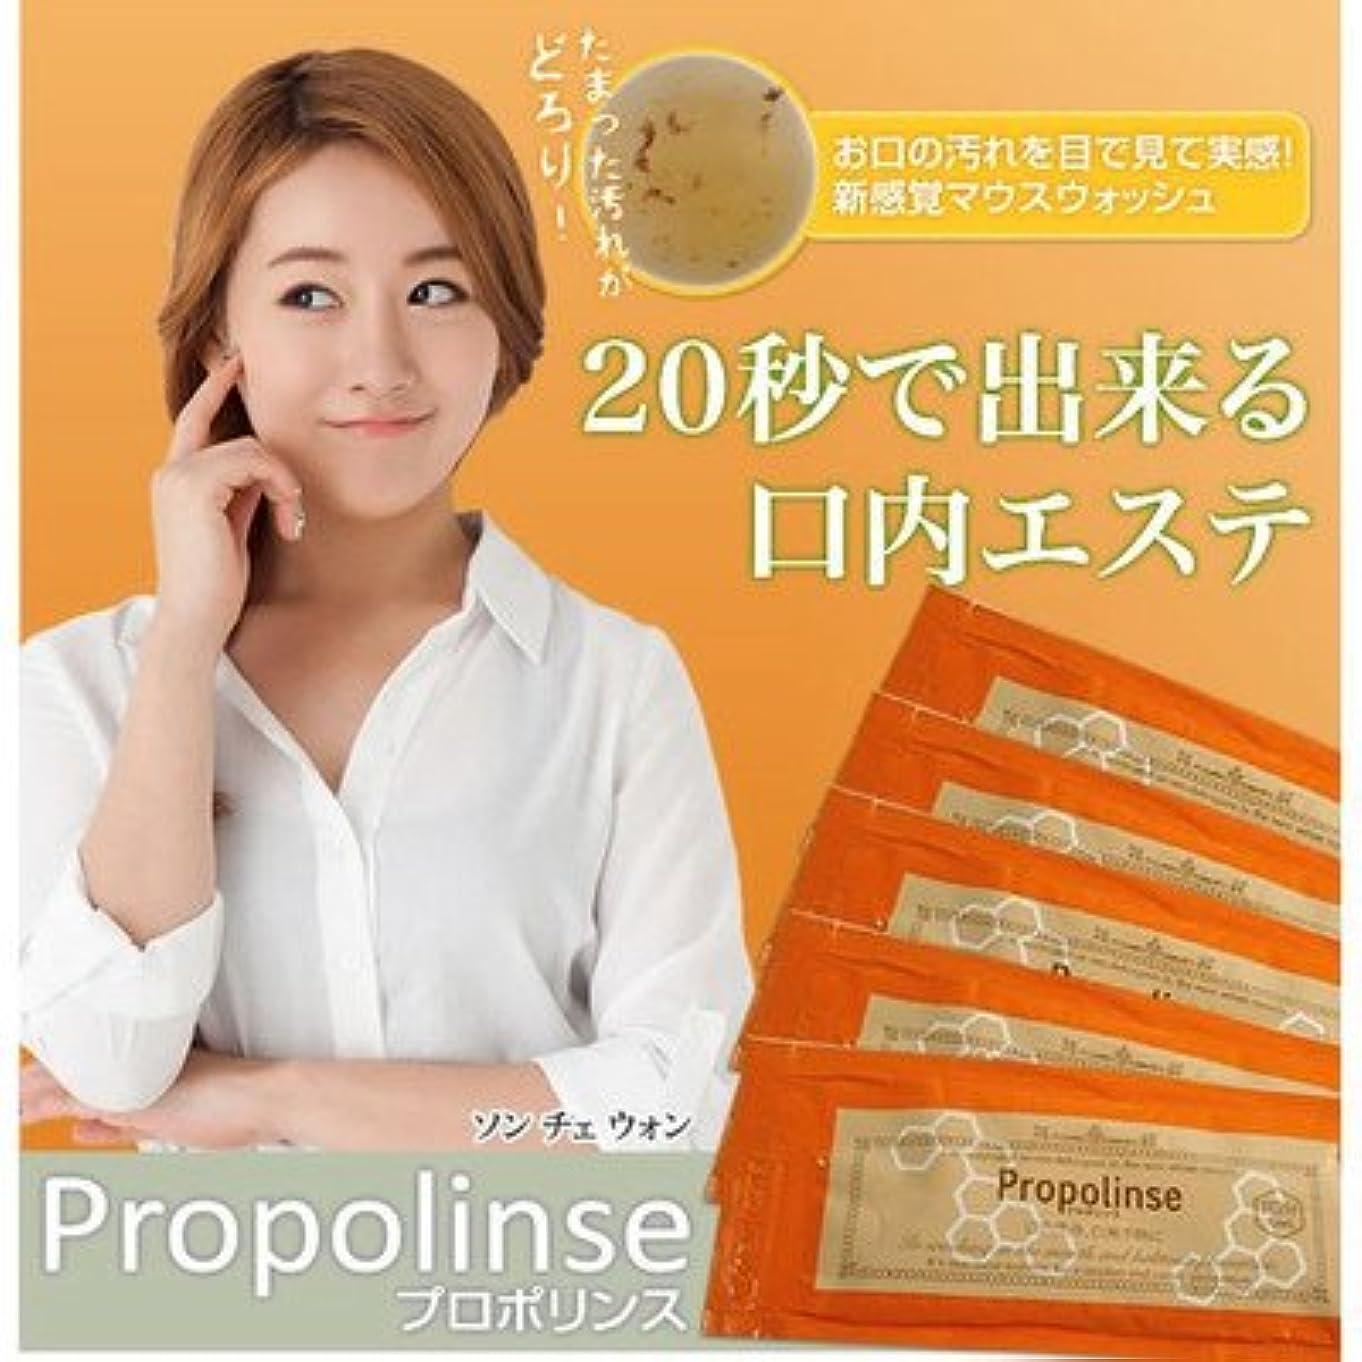 つぶすとにかくチャンスプロポリンス ハンディパウチ 12ml(1袋)×100袋